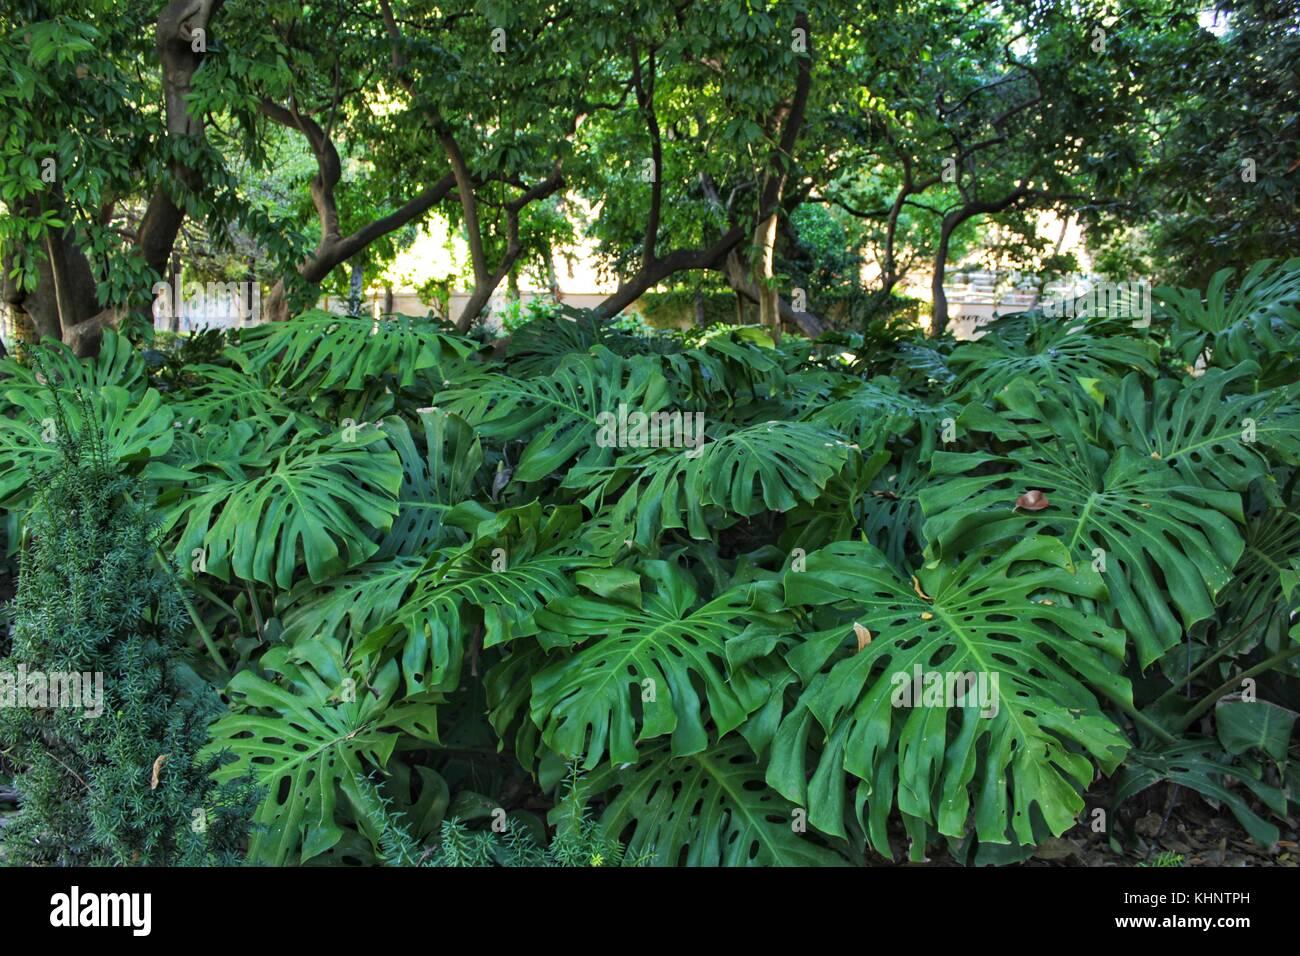 Beautiful monstera deliciosa in the garden - Stock Image